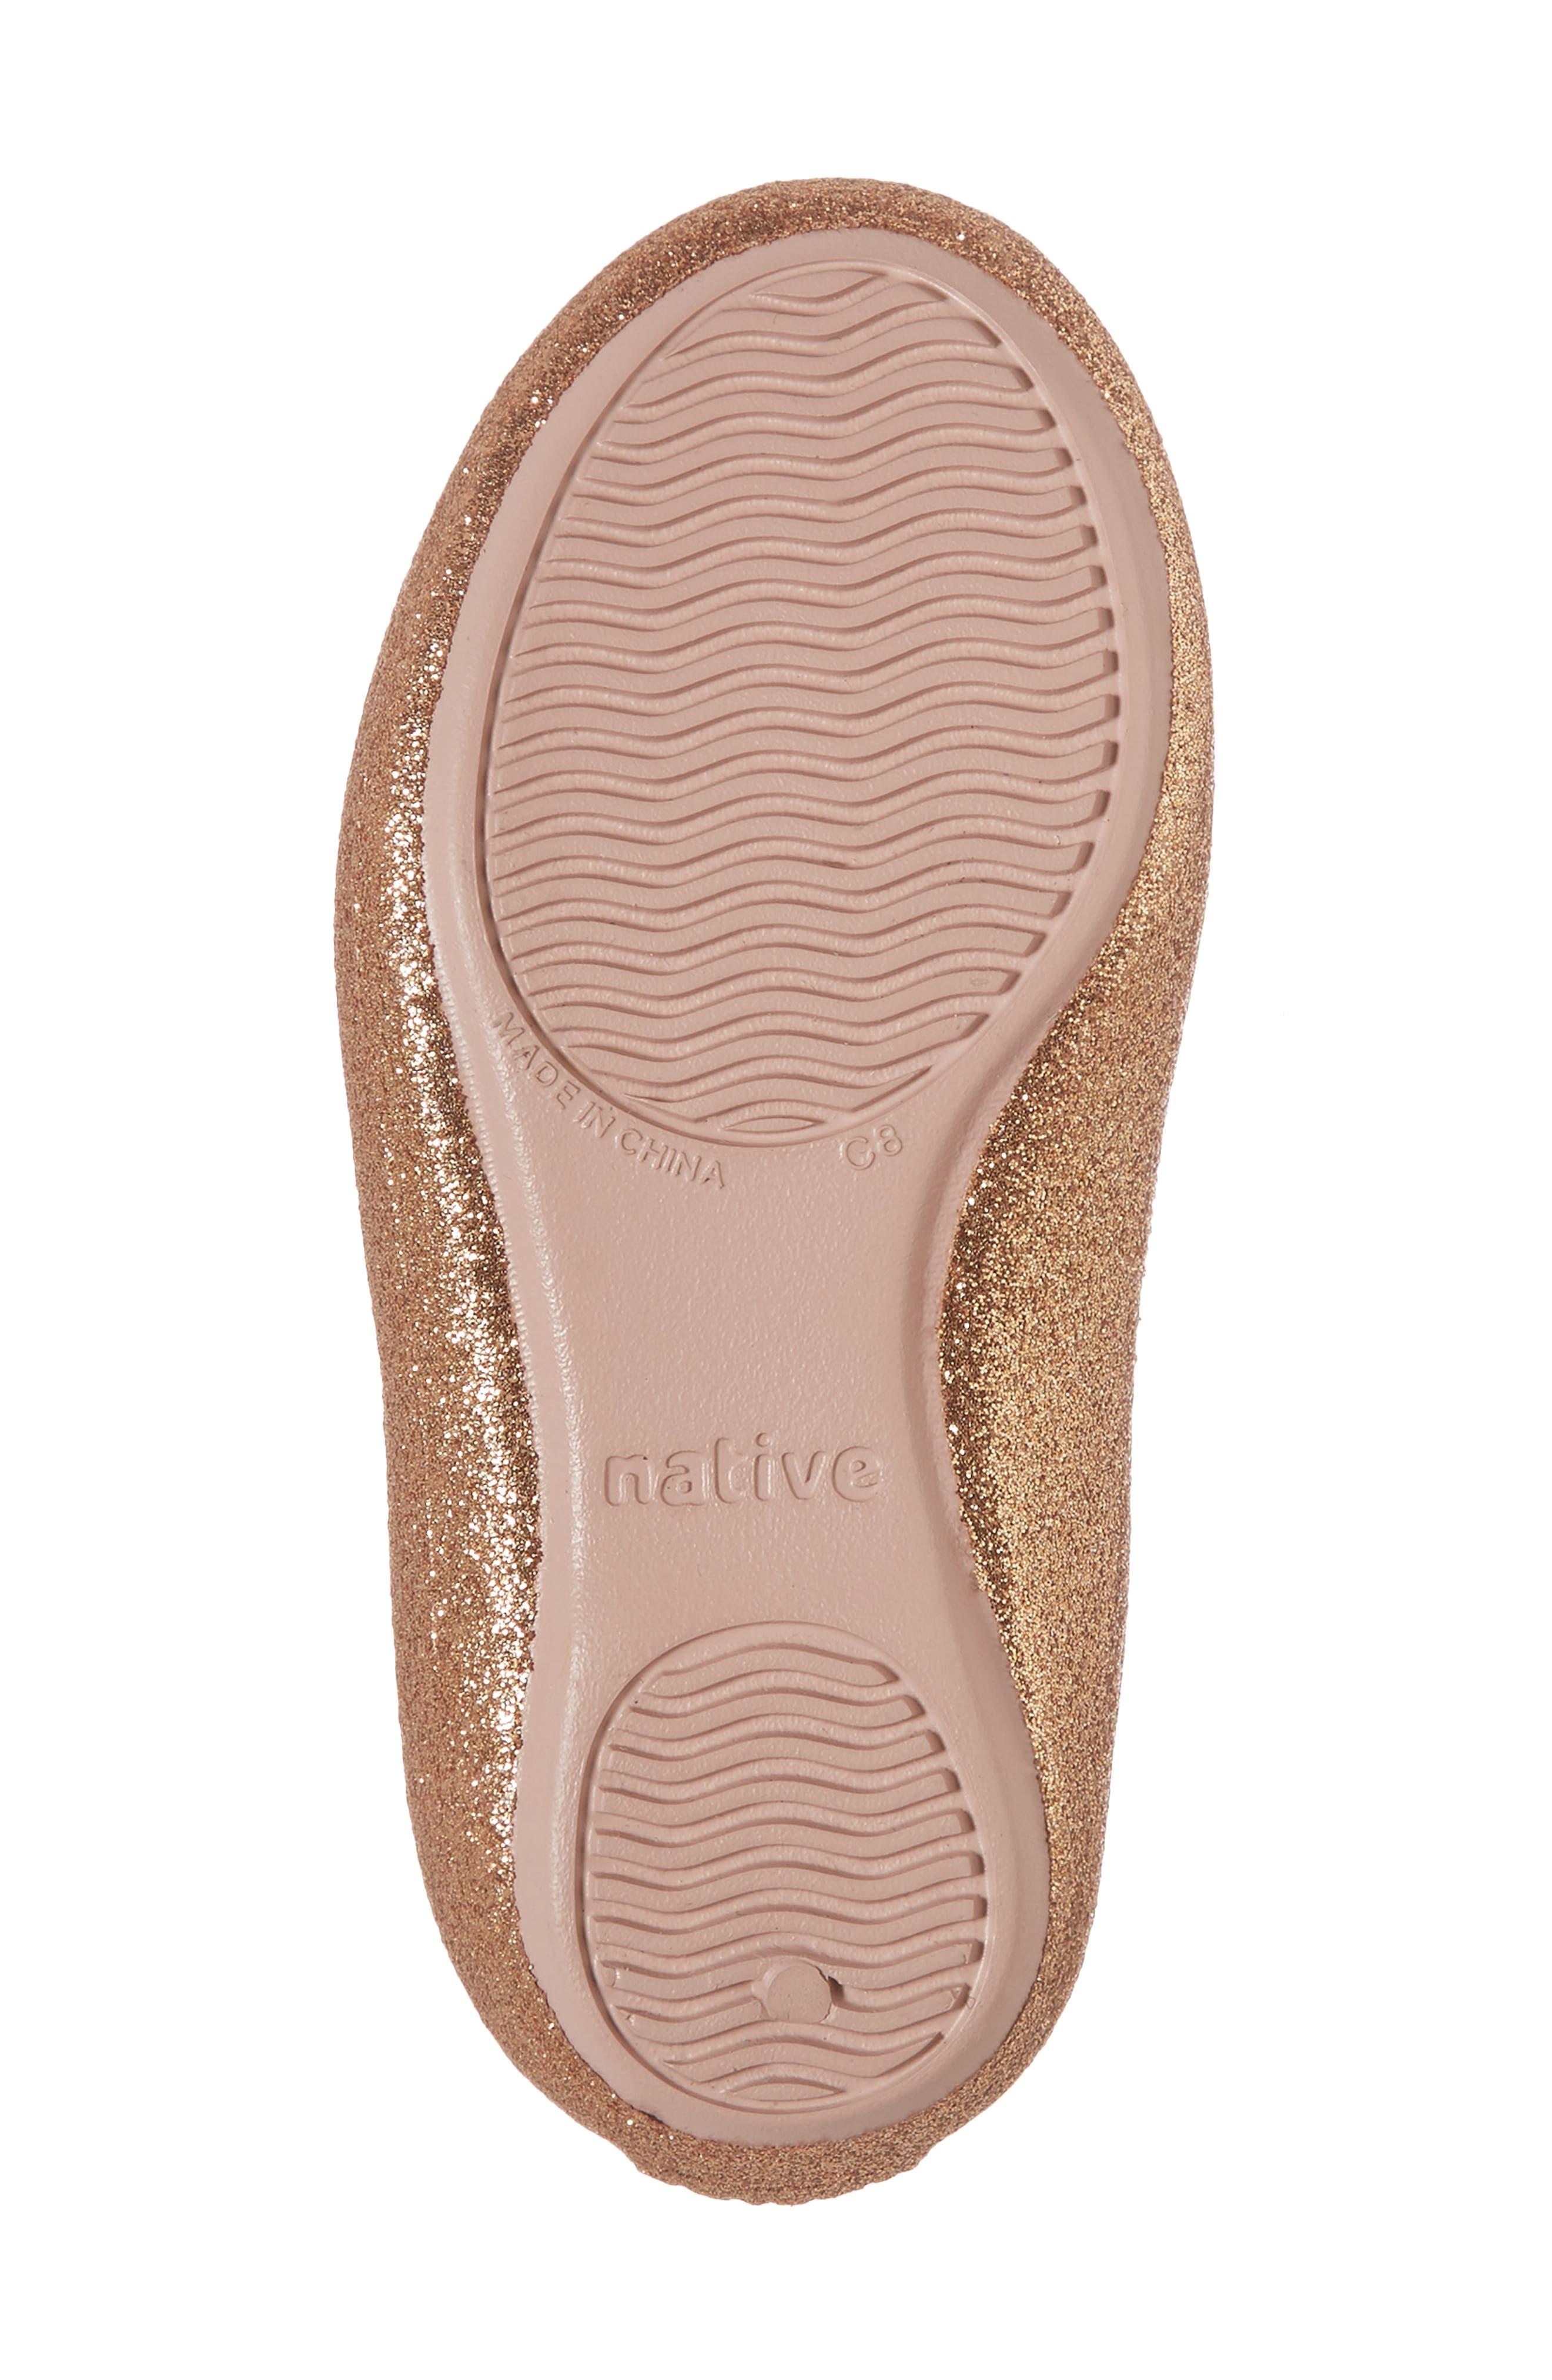 NATIVE SHOES, Margot Bling Glitter Vegan Mary Jane, Alternate thumbnail 6, color, ROSE GOLD BLING